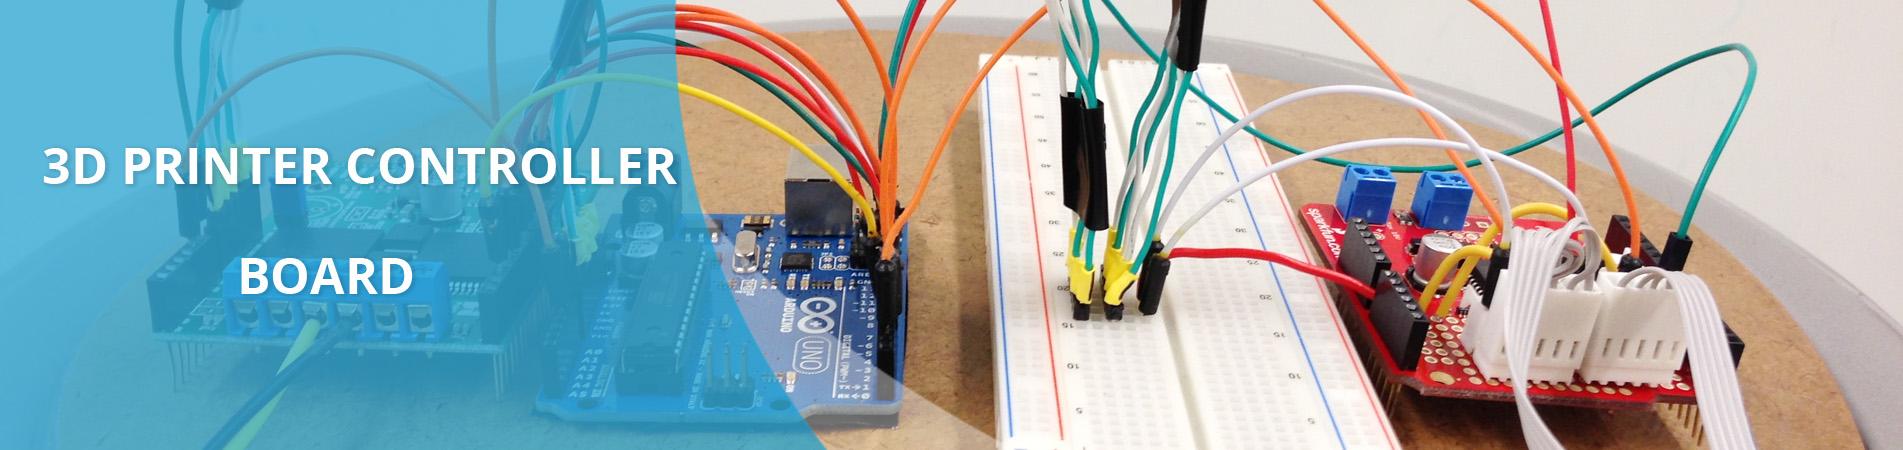 3d printer controller board